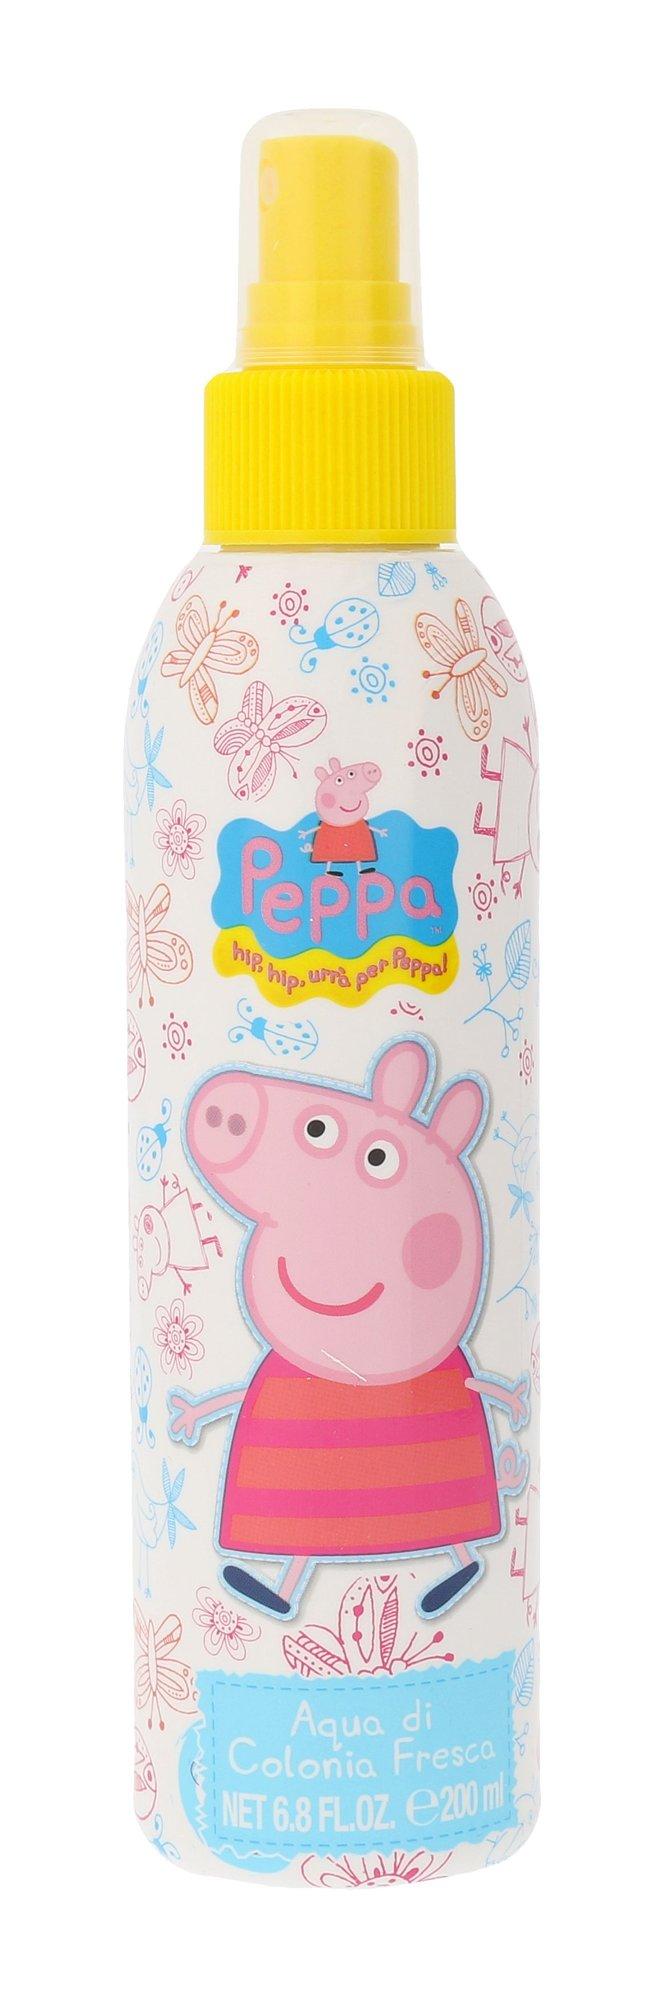 Peppa Pig Peppa Tělový spray 200ml